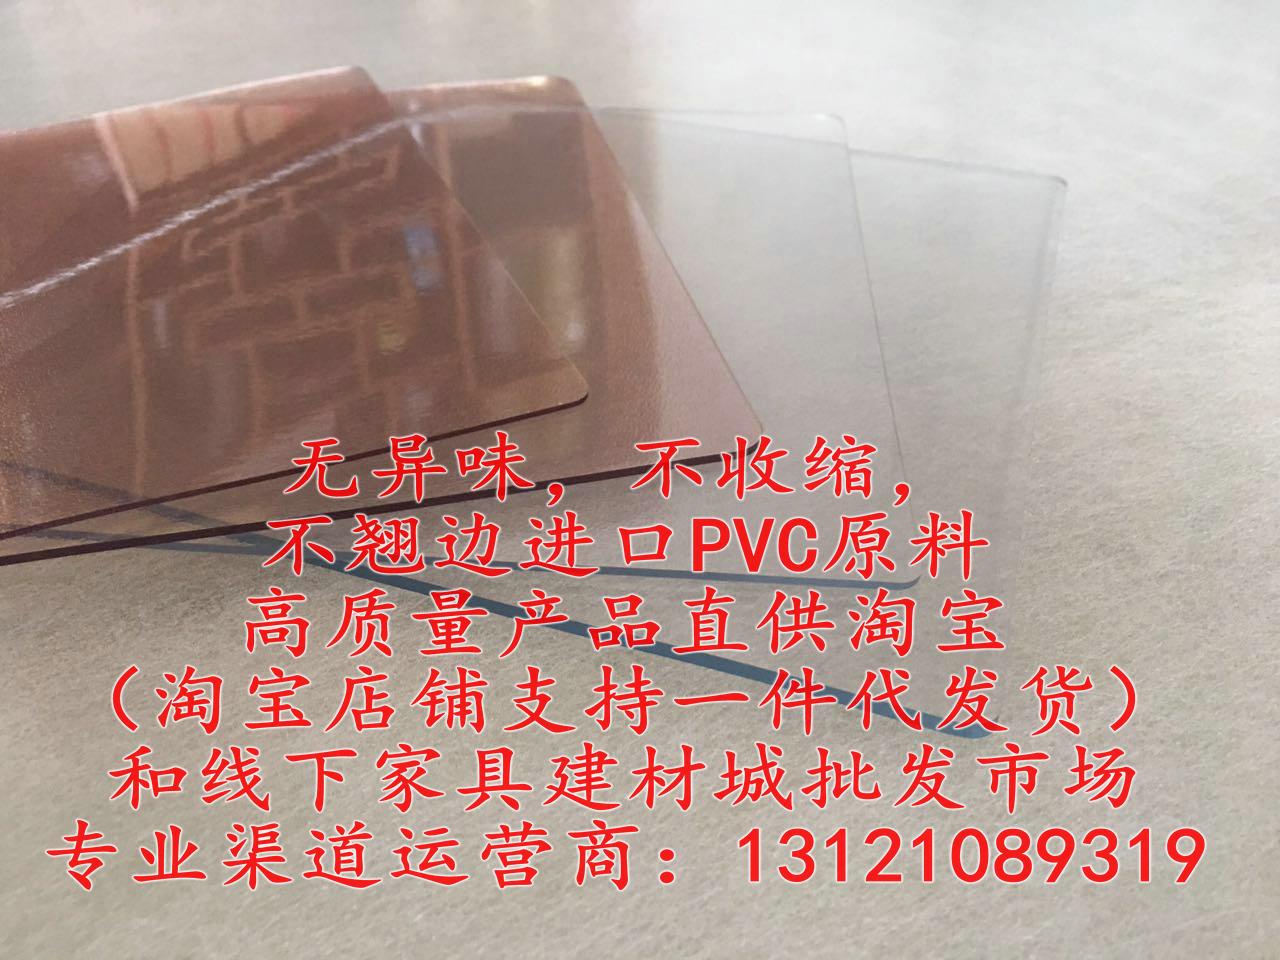 中田PVC软质水晶板加盟